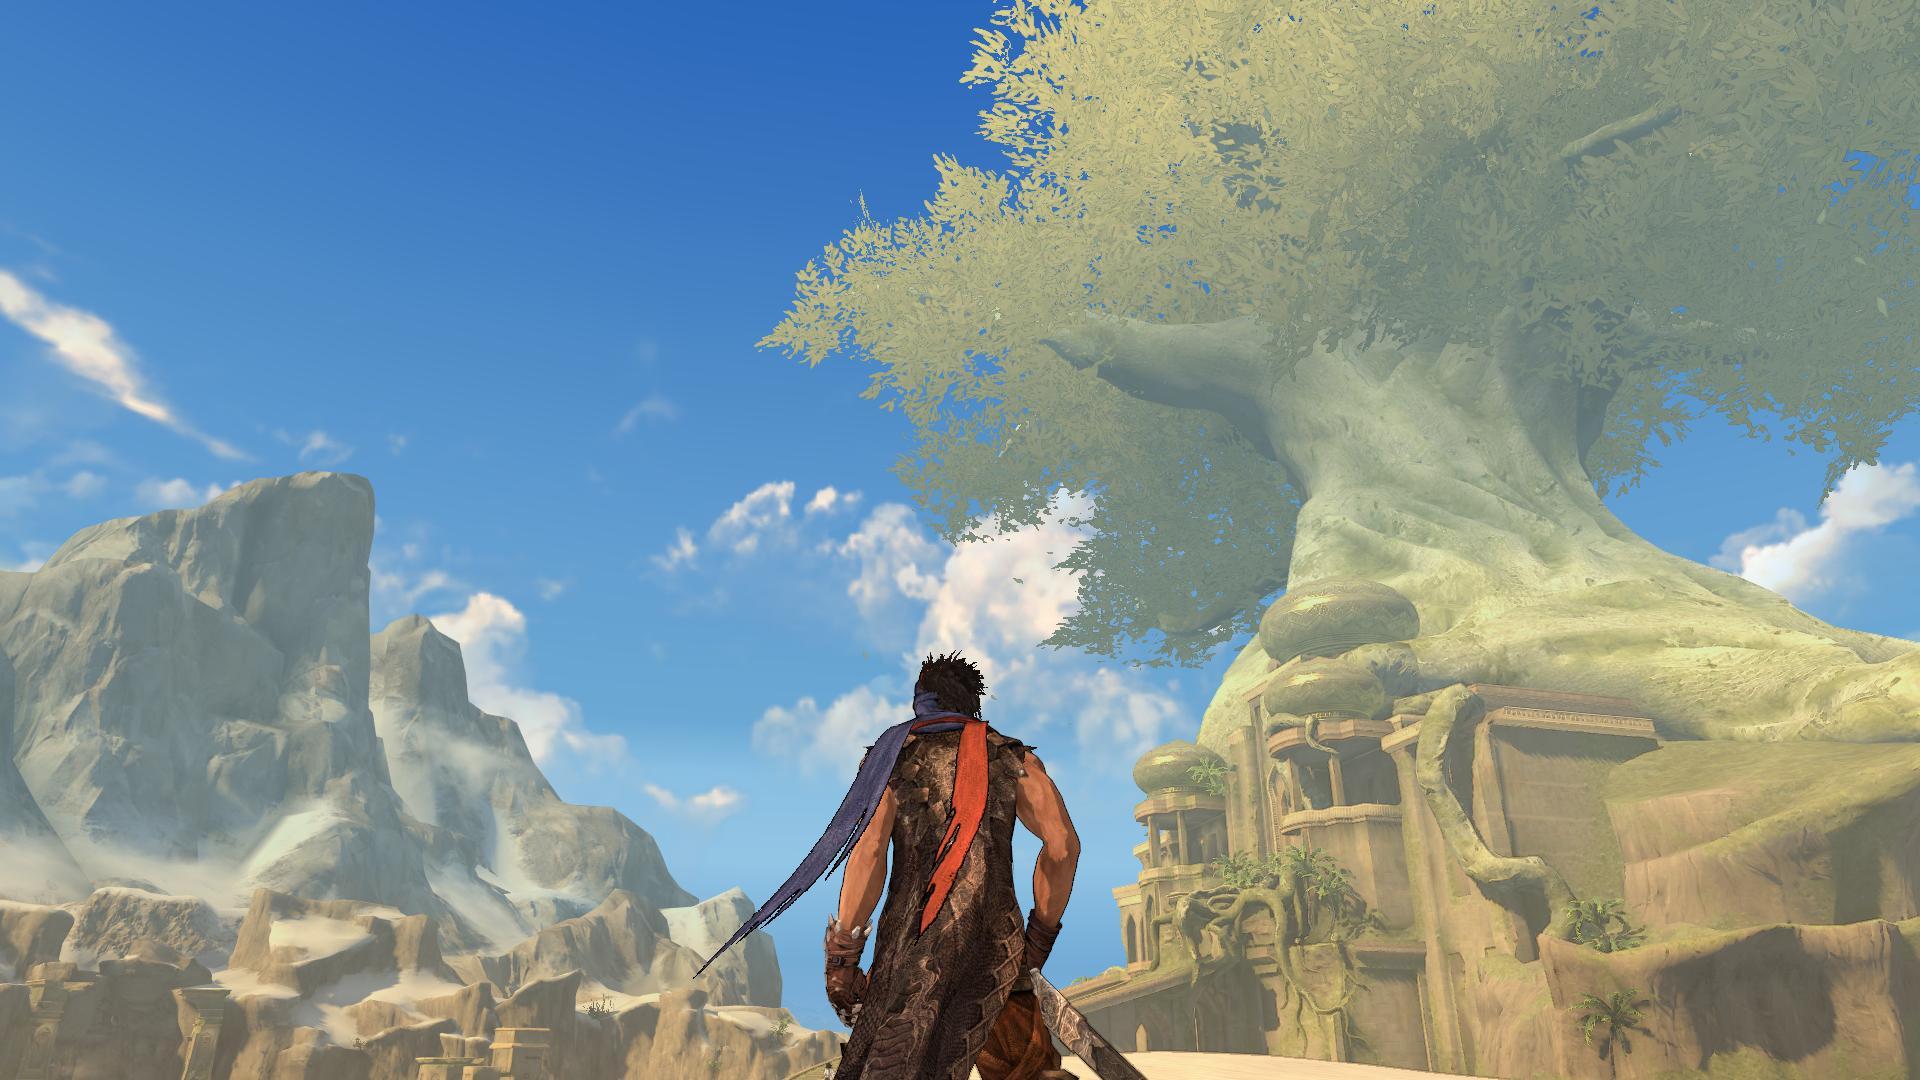 Ретро-прохождение Prince of Persia (2008) в скриншотах ... Часть 1 НАЧАЛО!  - Изображение 11